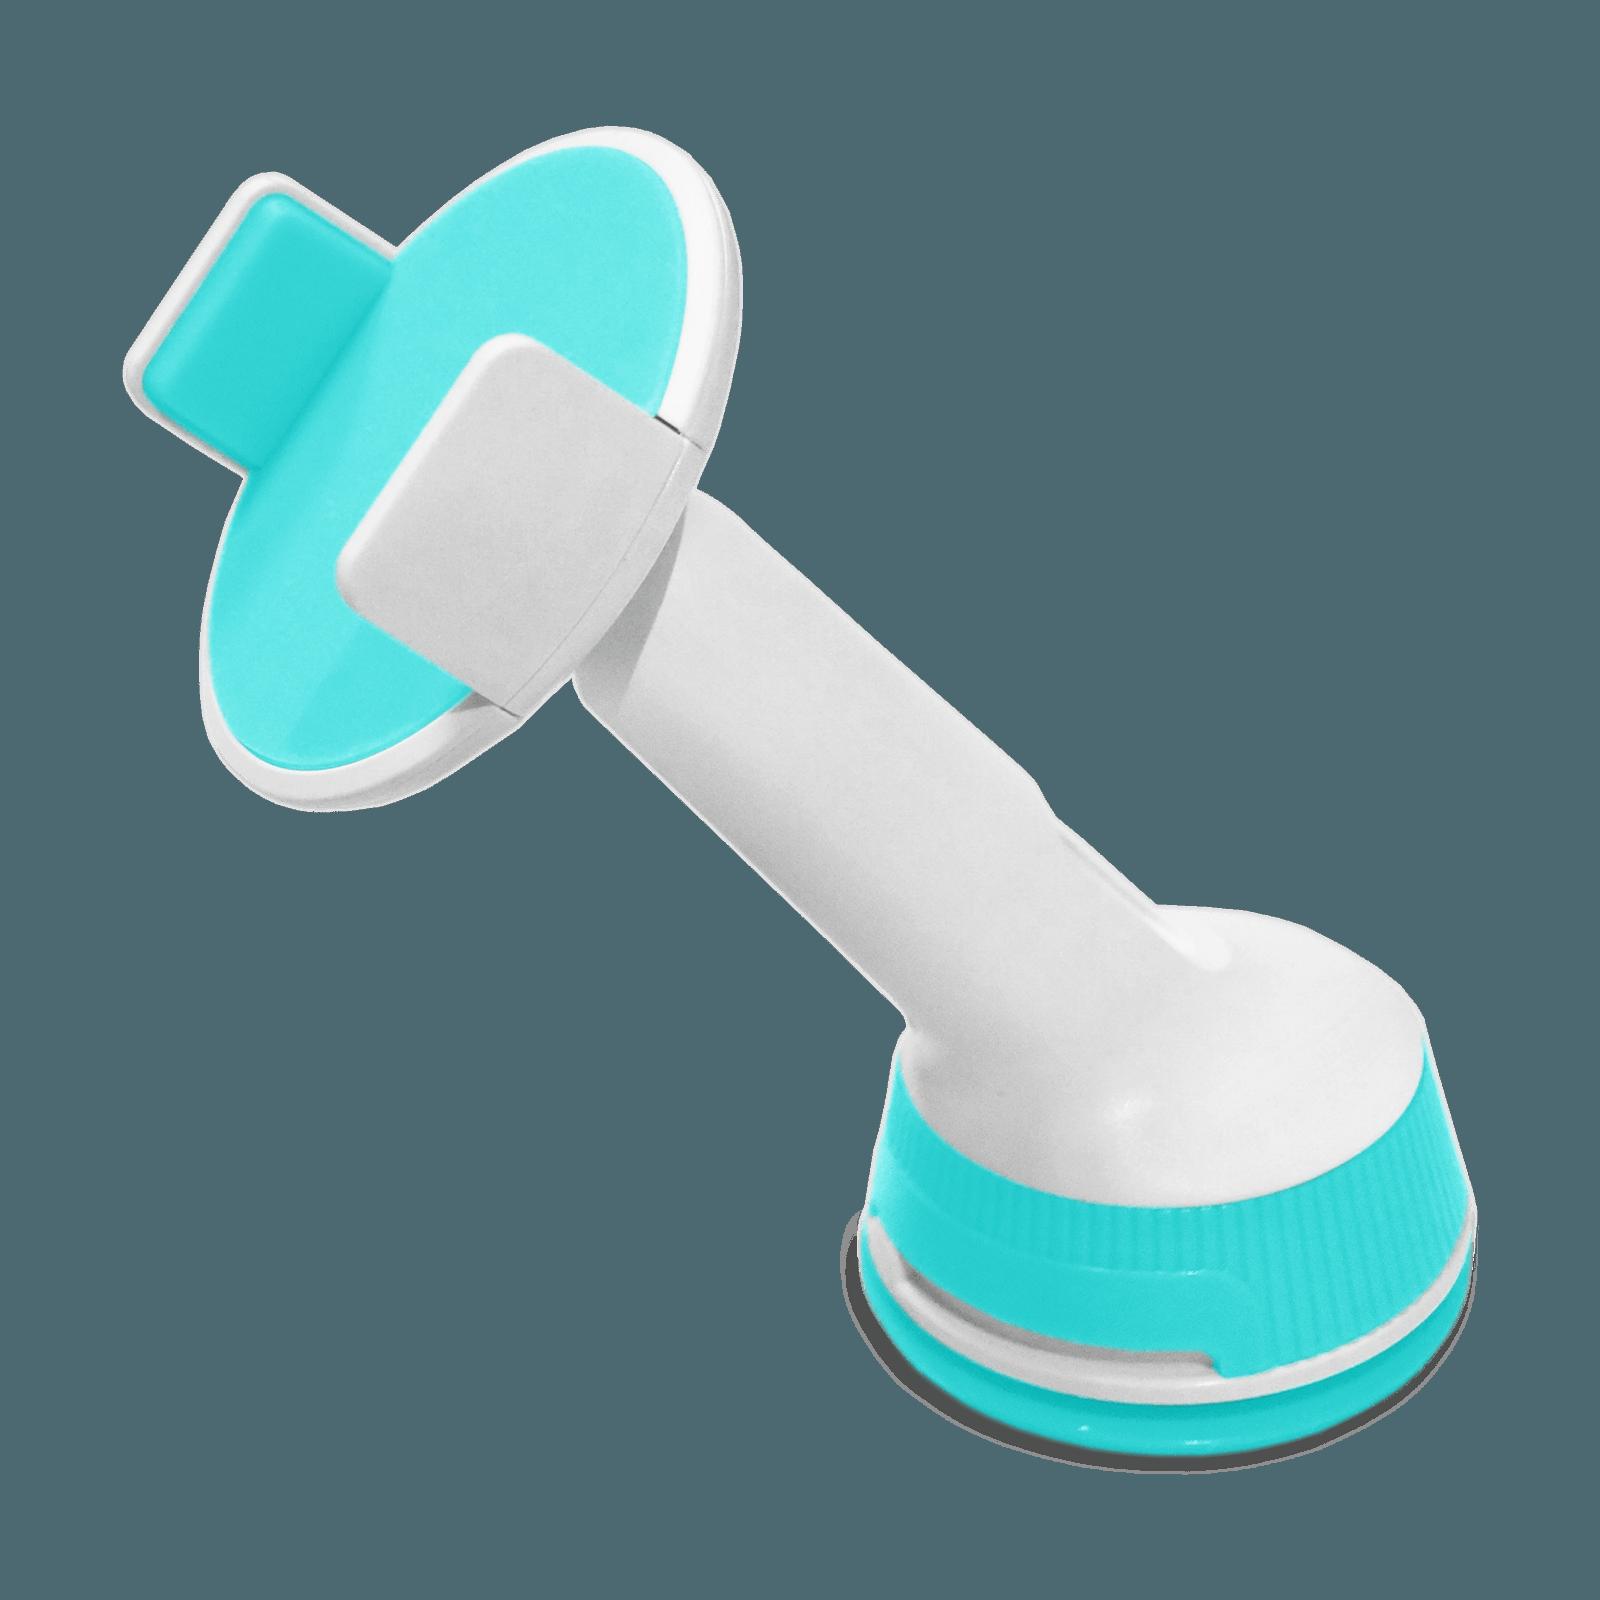 Автодержатель для телефона JHD-108 White